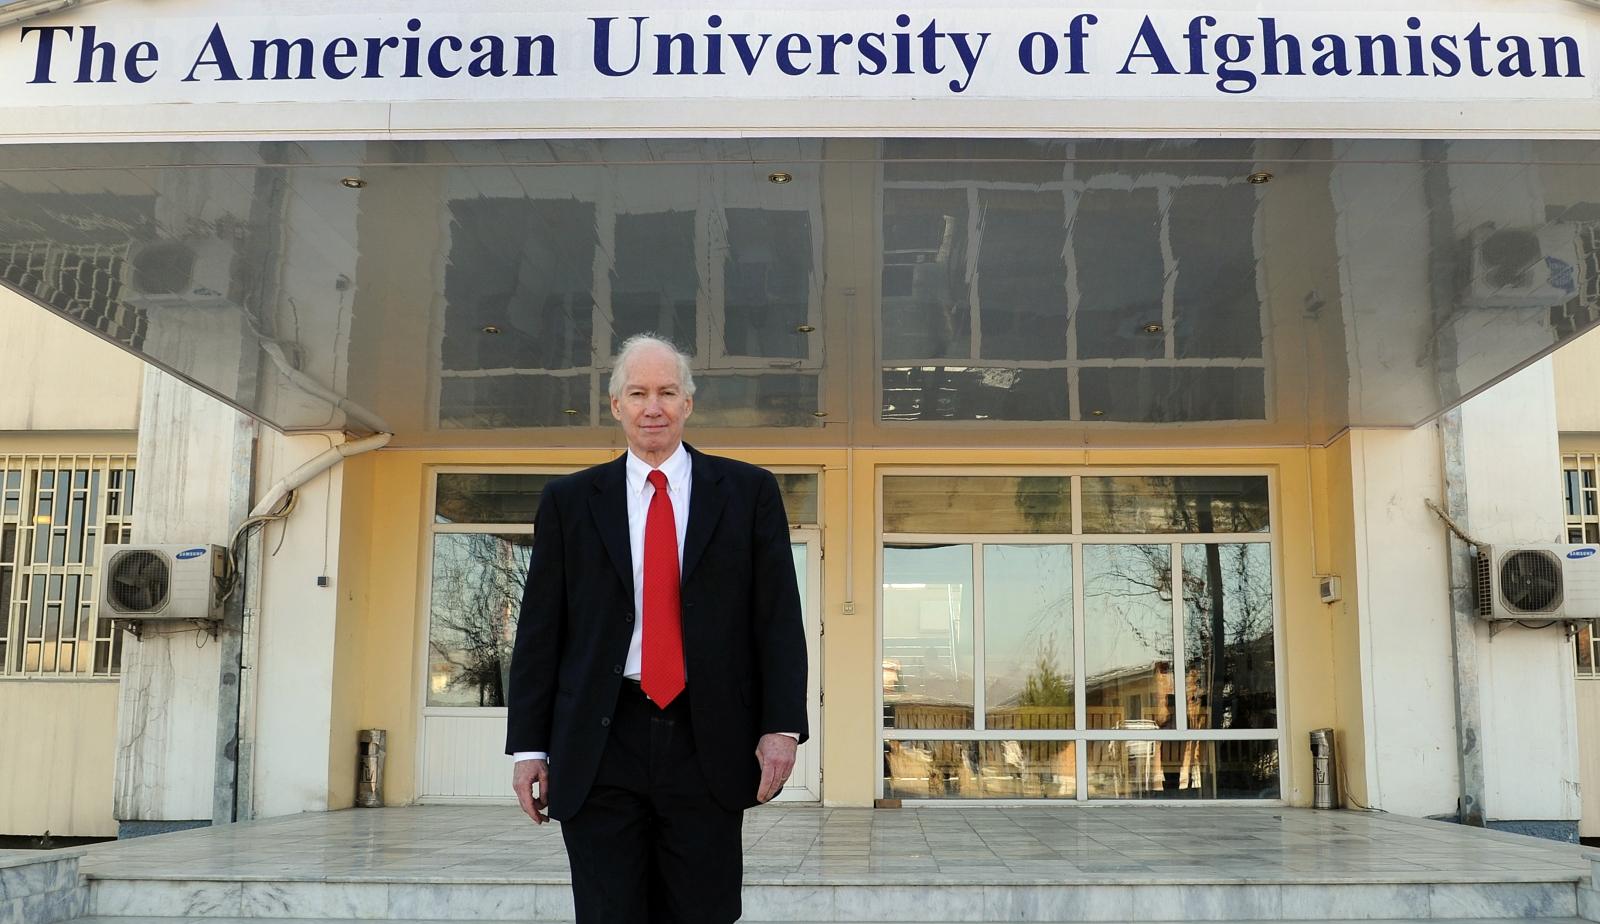 American University of Afghanistan